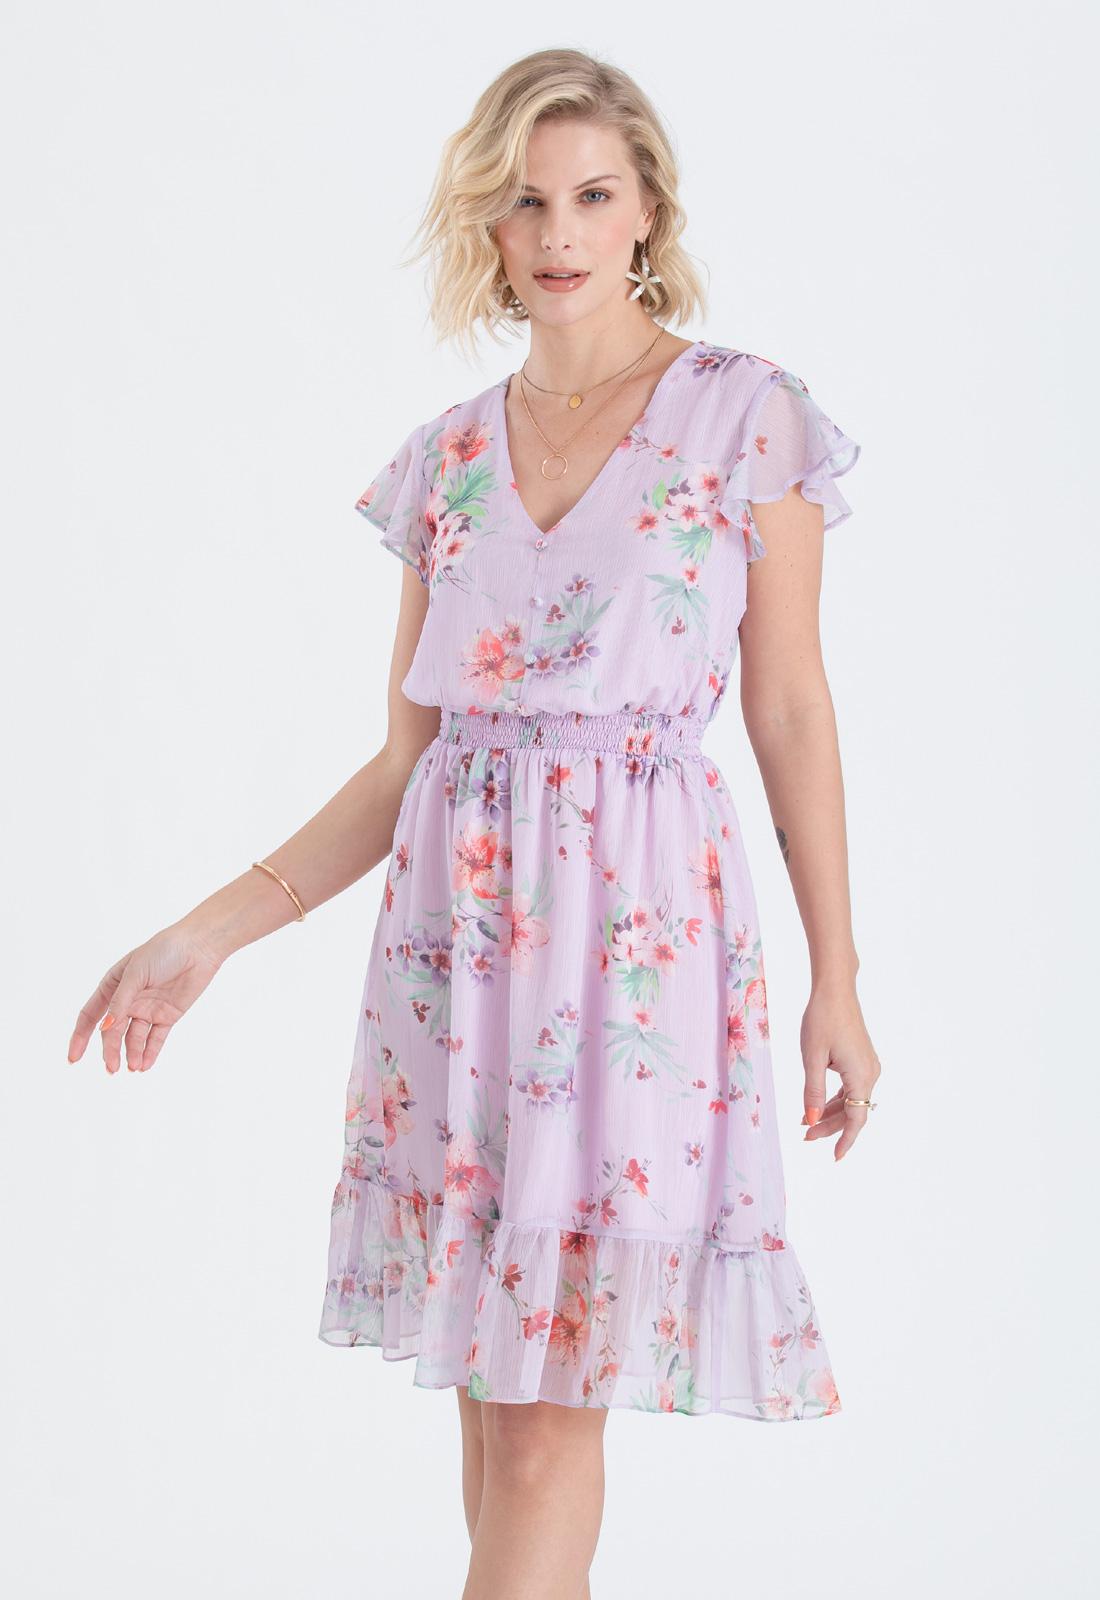 Vestido de festa lilás estampado  ref. 2621